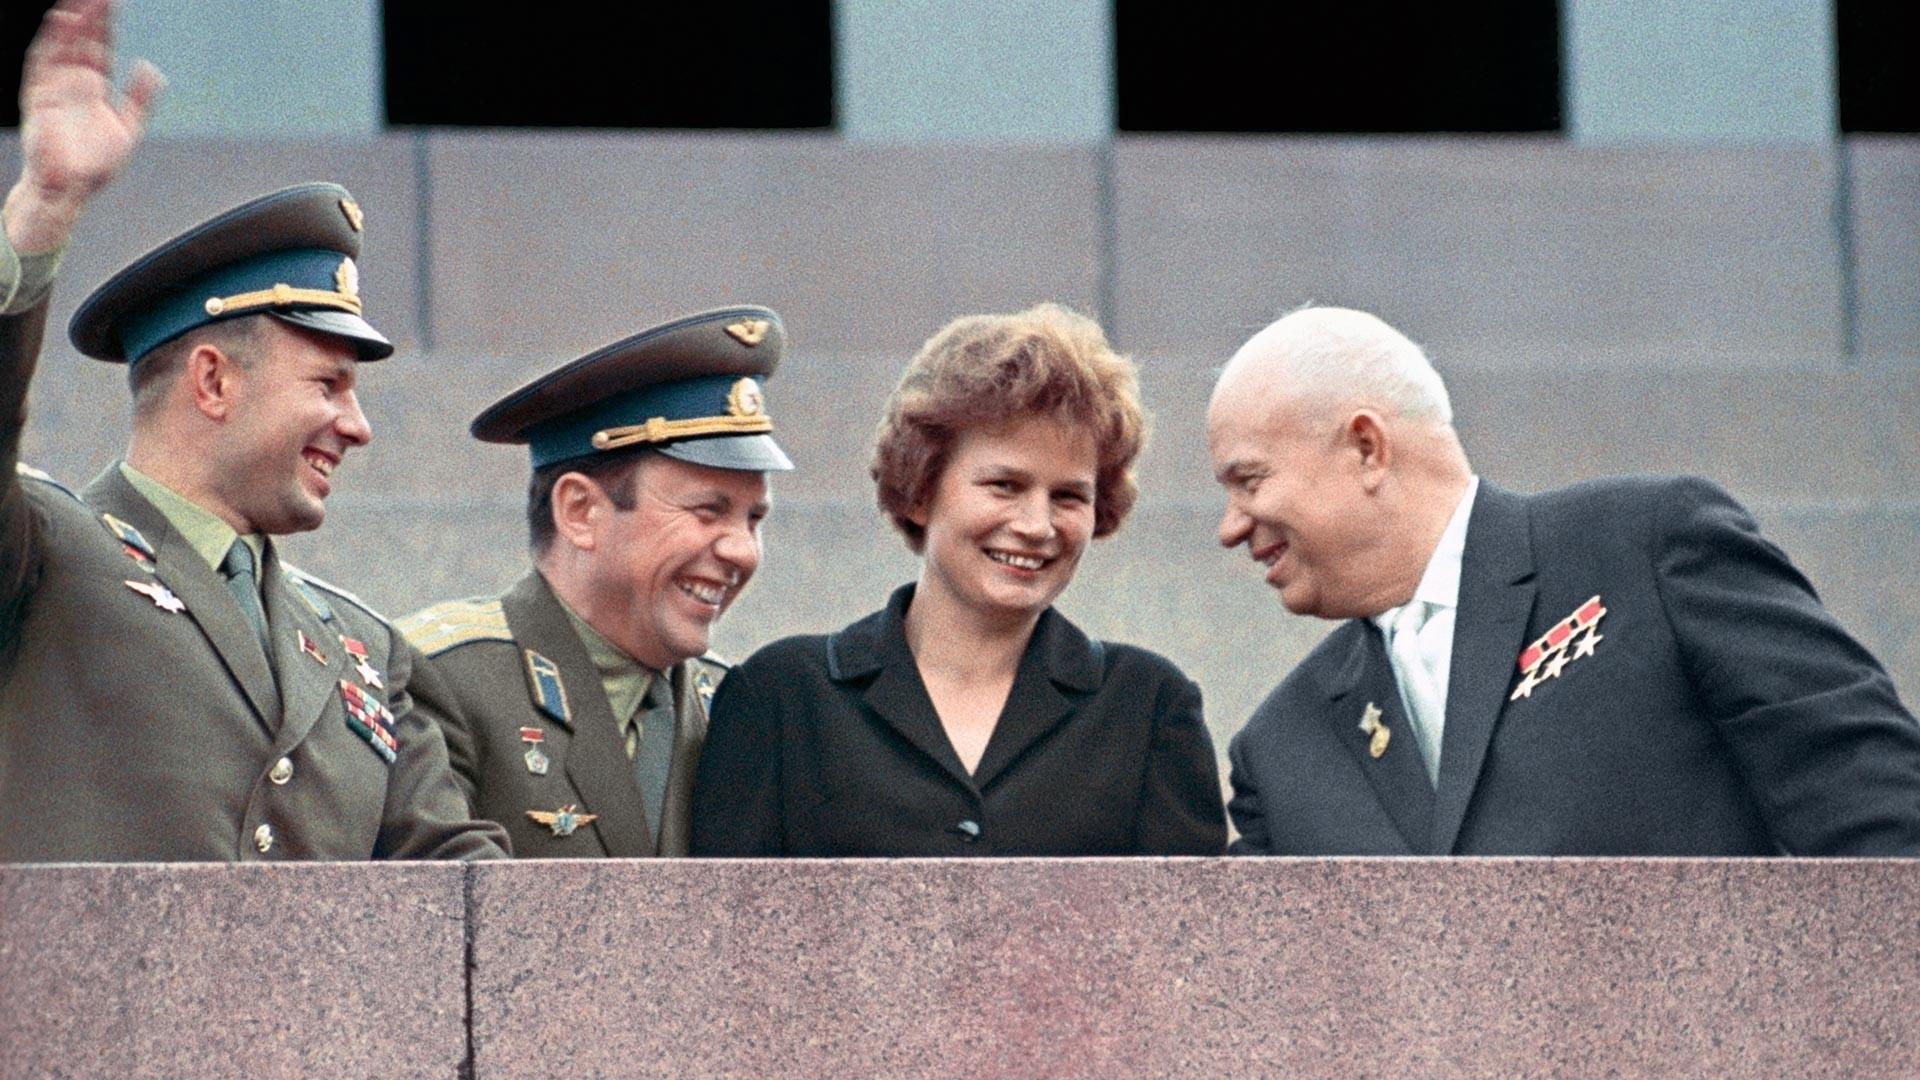 Prvi sekretar CK KPSZ Nikita Hruščov in kozmonavti Valentina Tereškova, Pavel Popovič in Jurij Gagarin (z desne proti levi) na tribuni Leninovega mavzoleja.